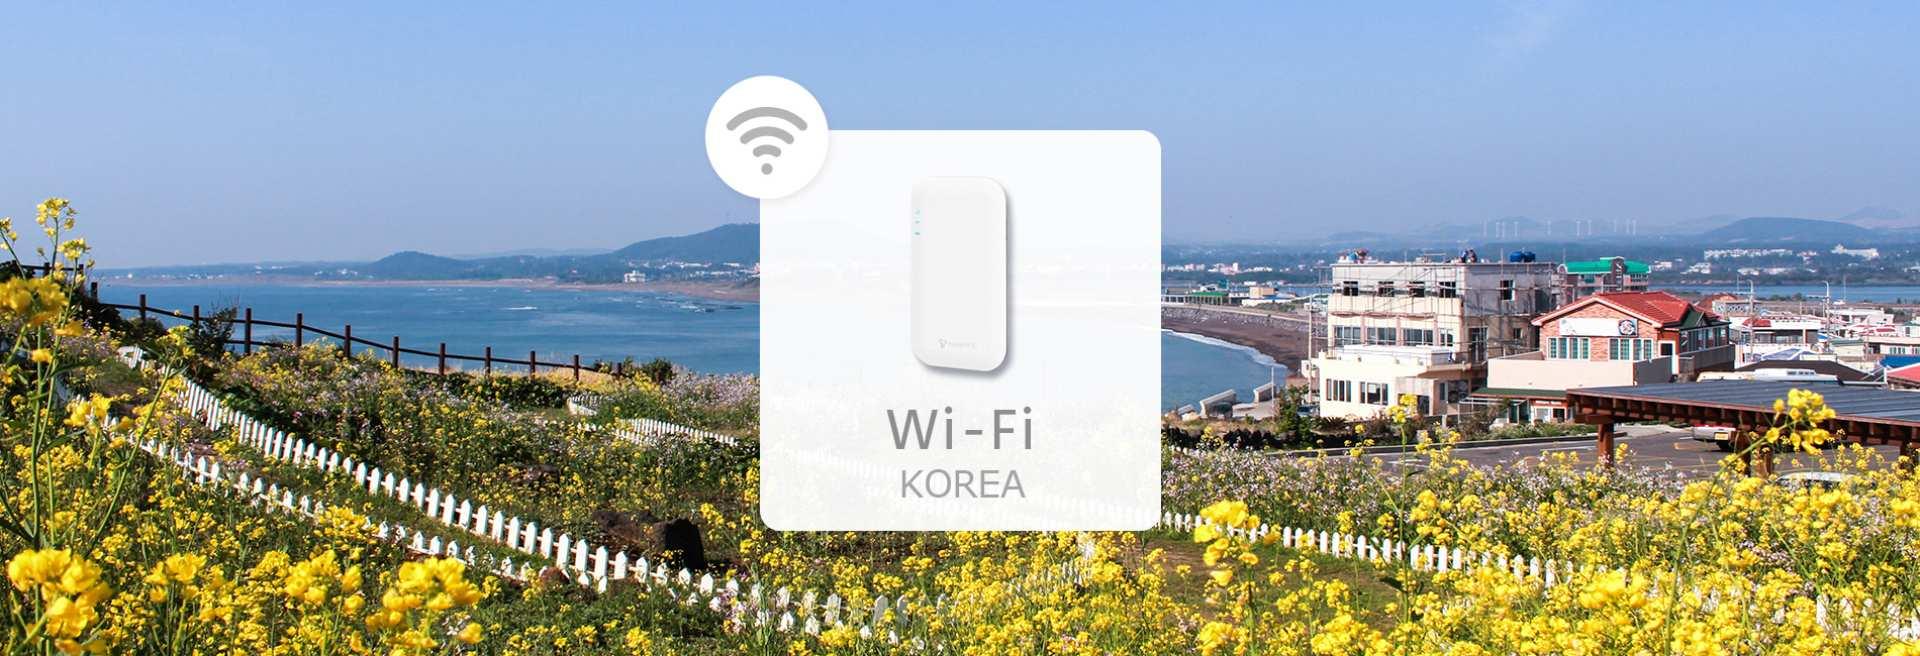 【韓国】SKテレコム 4GポケットWi-Fiレンタル(済州国際空港受取)